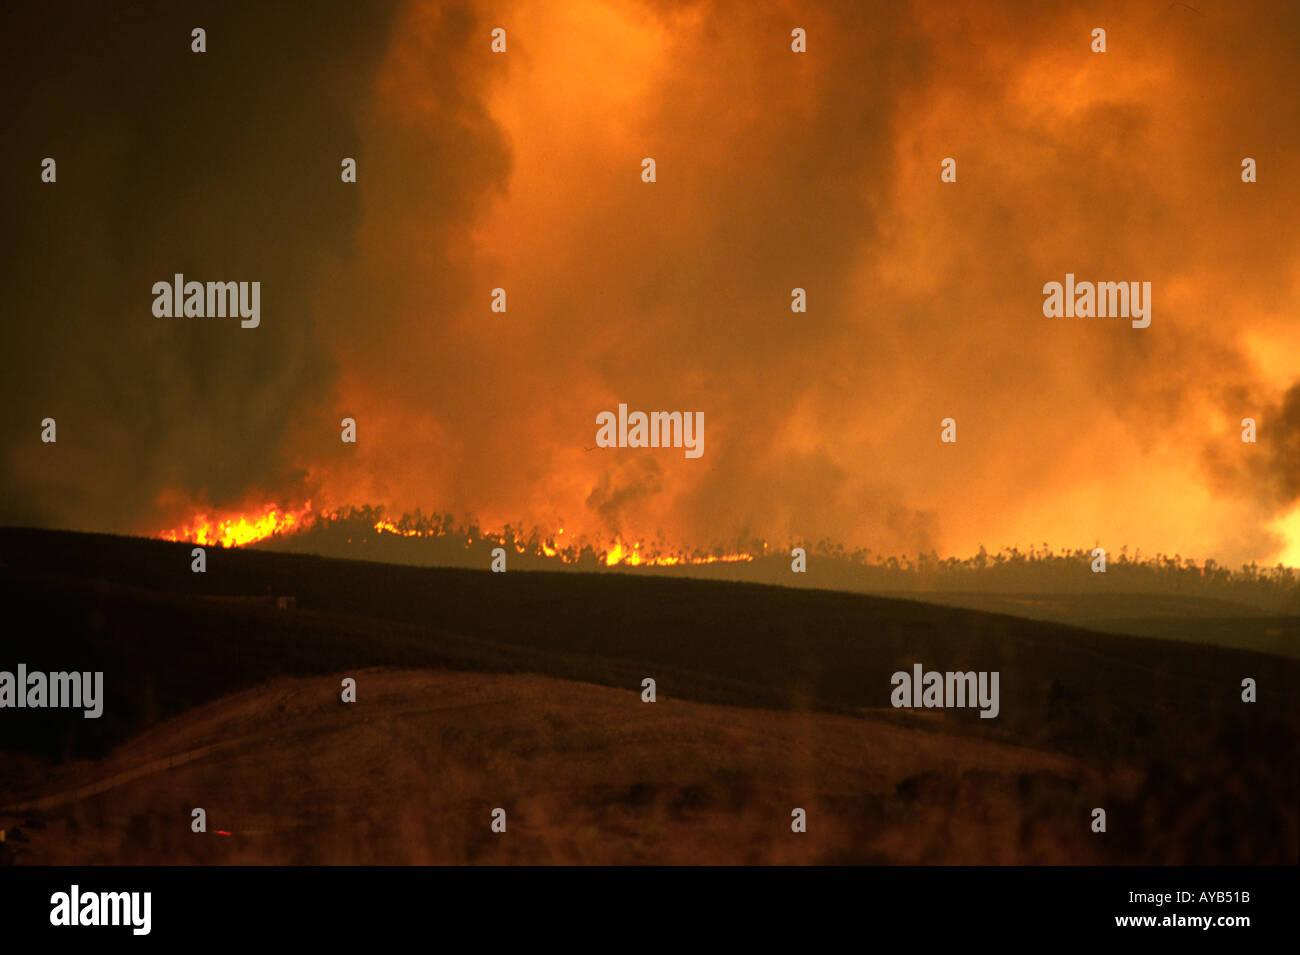 Fires in the Algarve Portugal - Stock Image